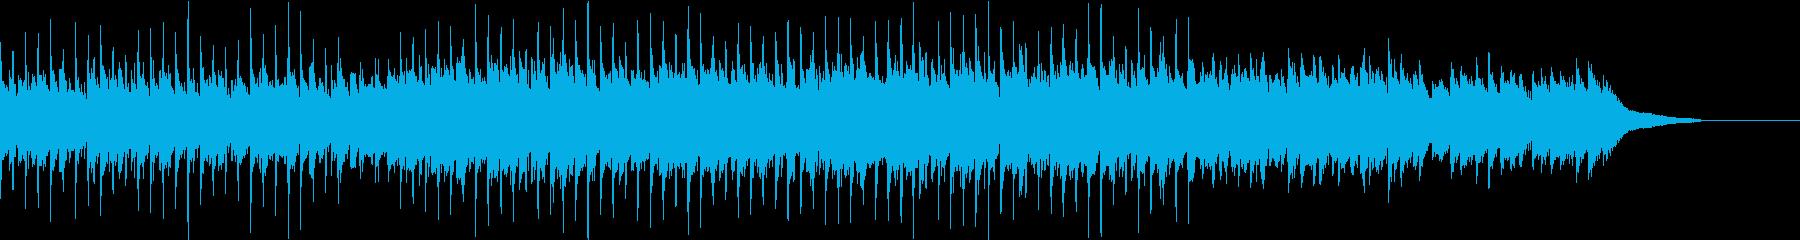 爽やか/明るい/ピアノ/ポップスBGM2の再生済みの波形